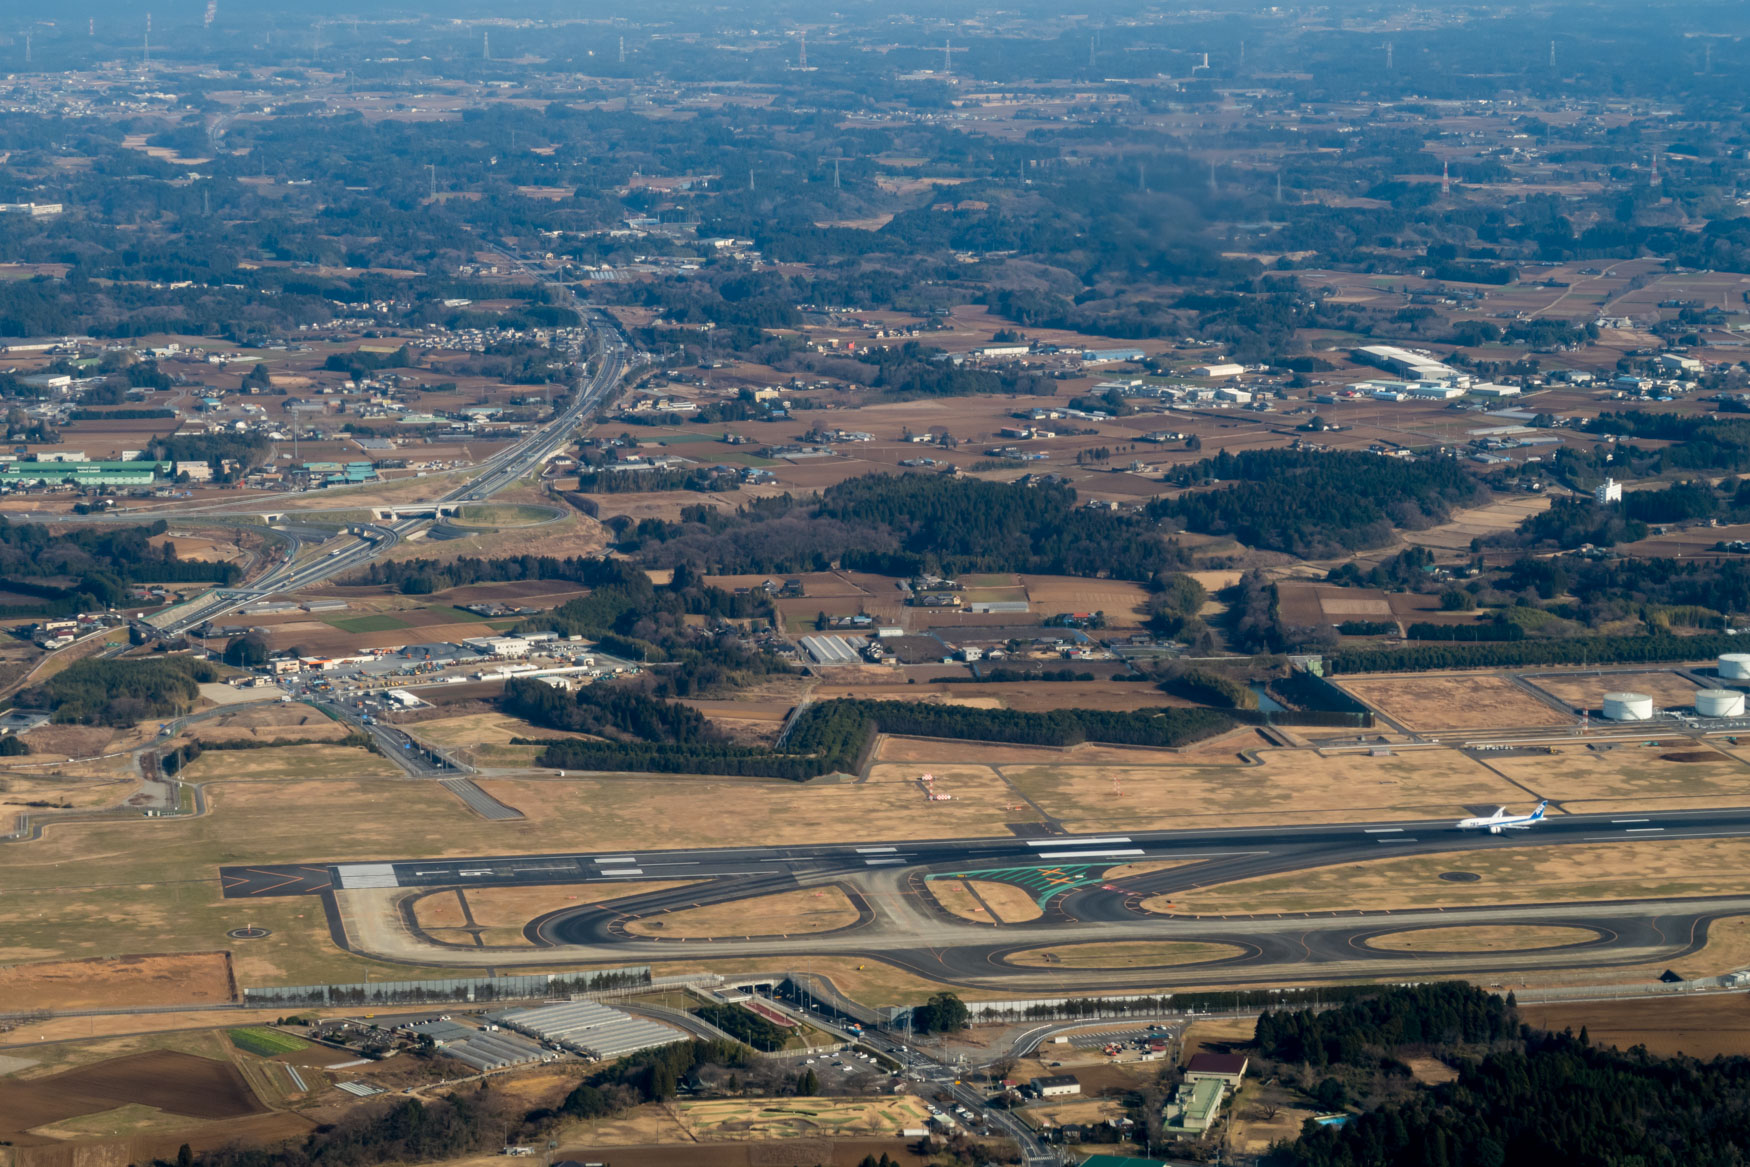 Tokyo Narita Runway 16R/34L